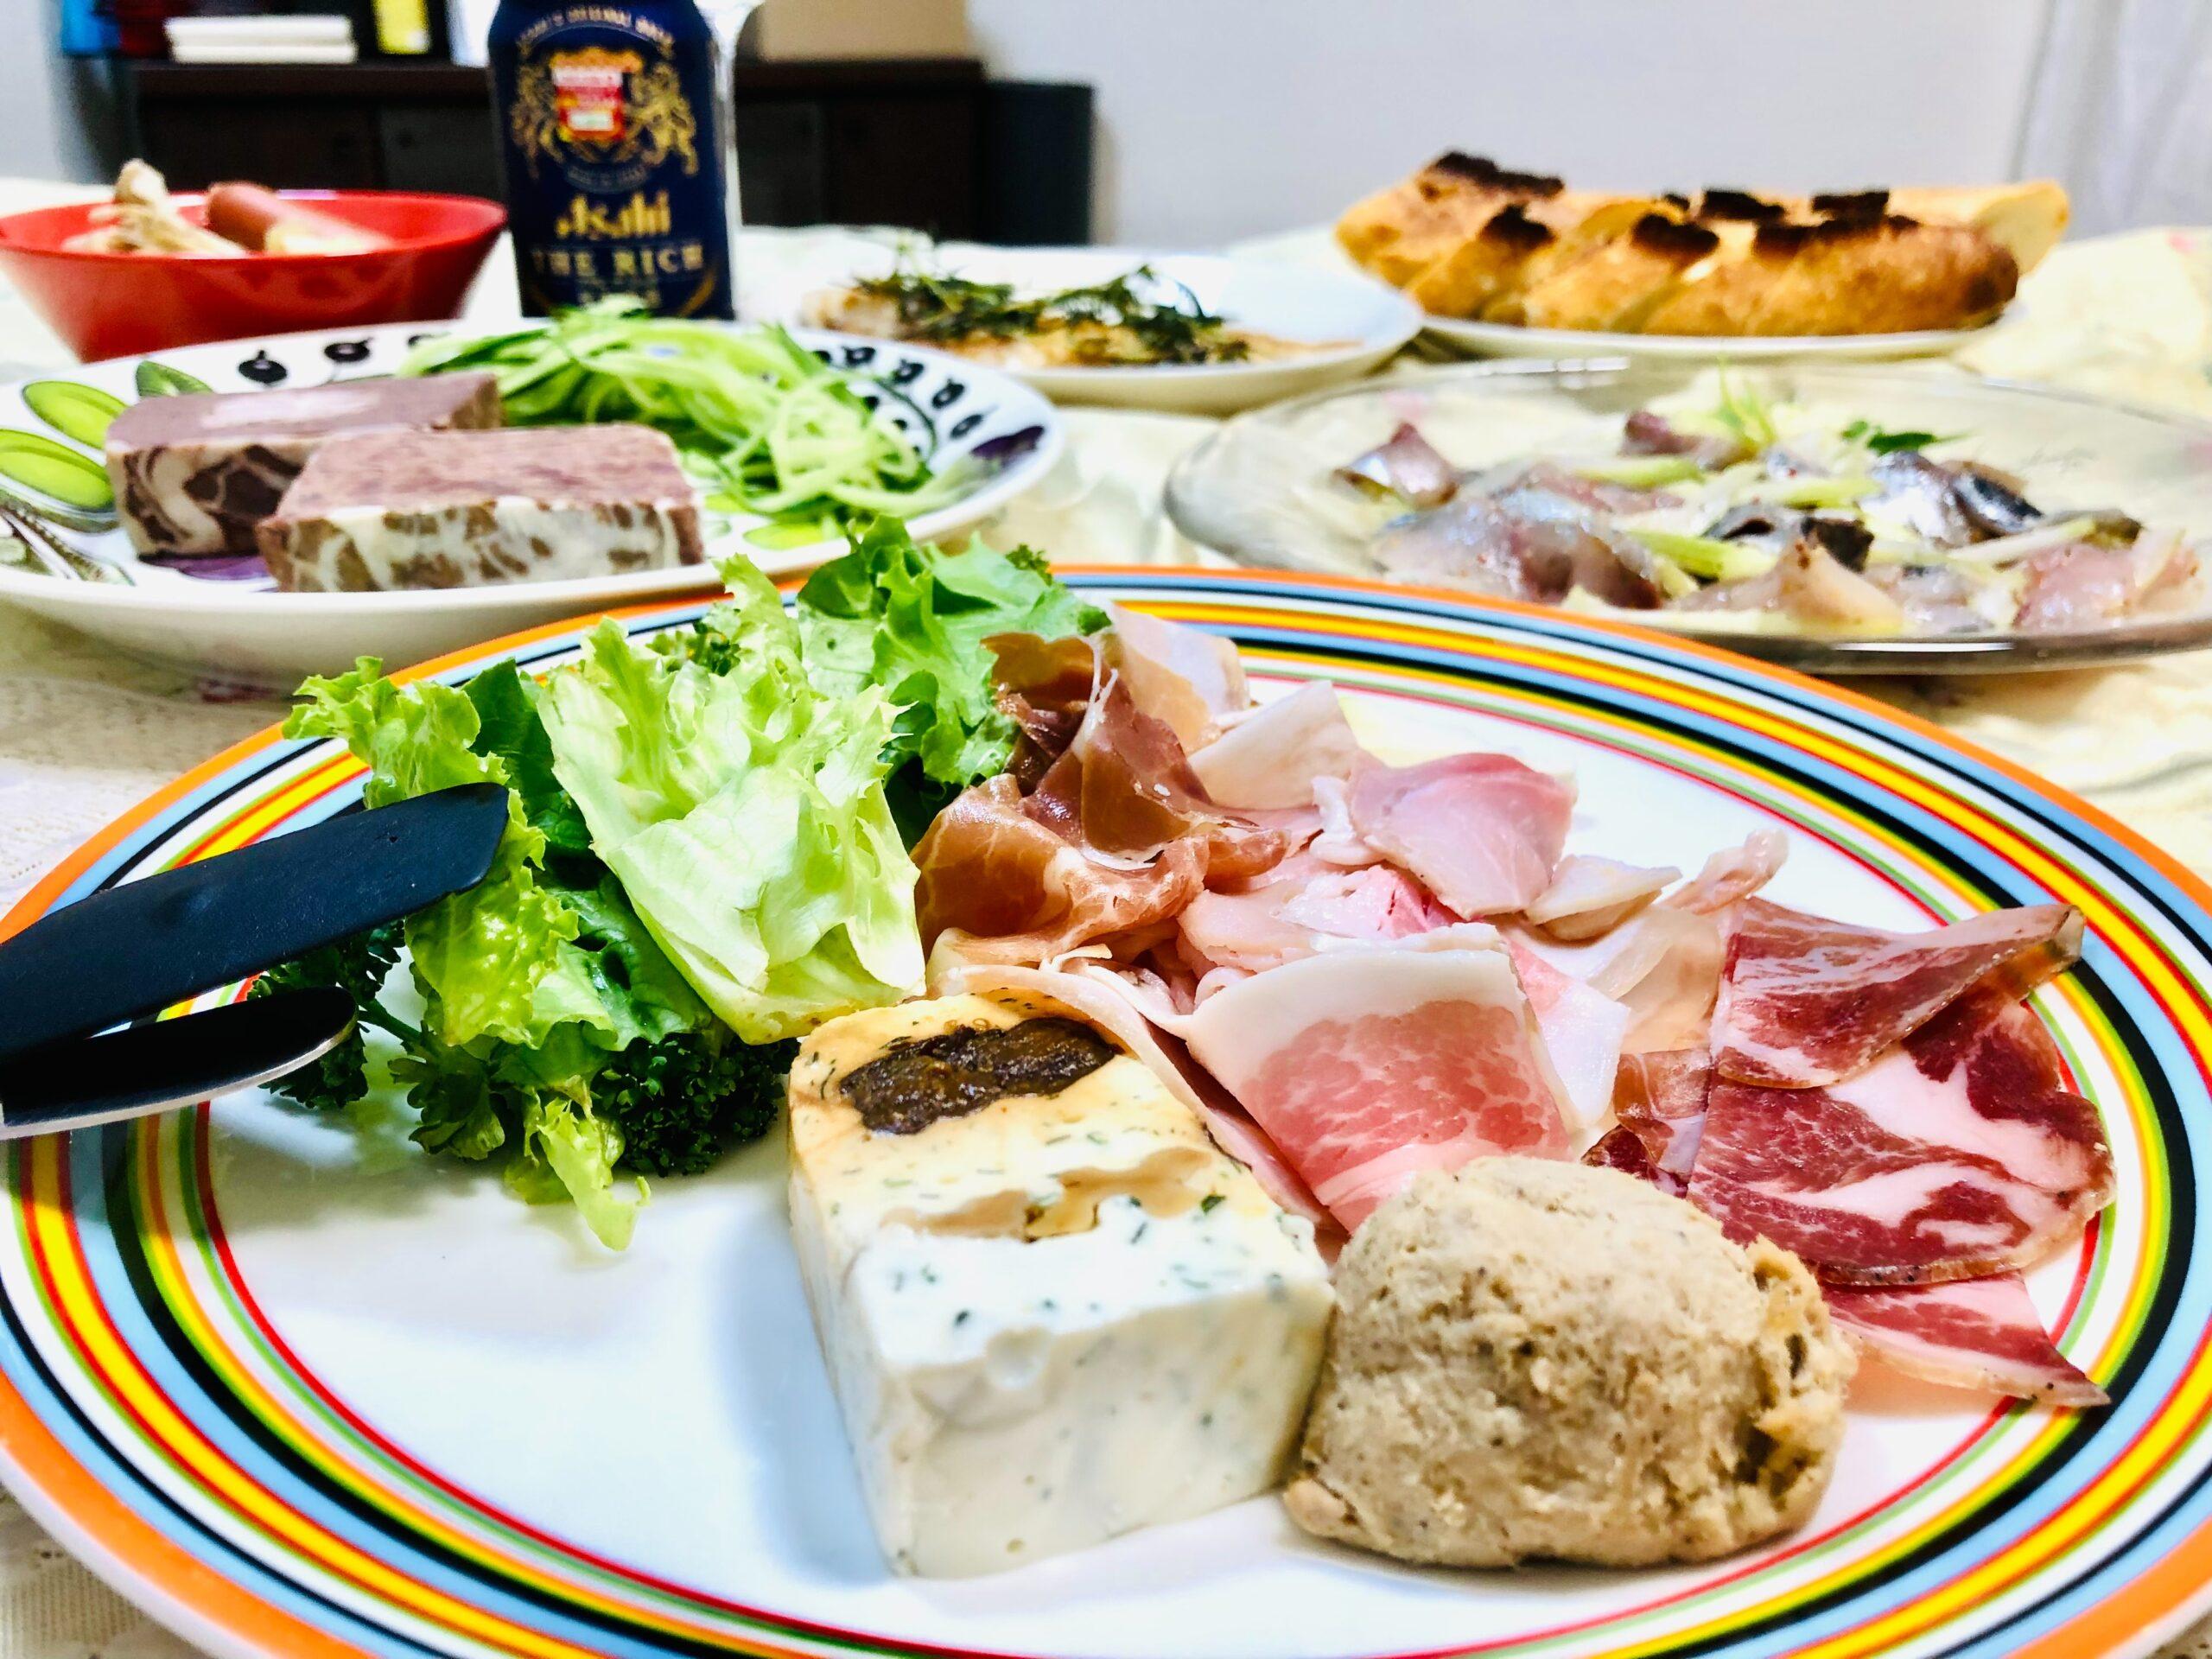 今日の晩酌:フランス祭り:パテ・リエット・テリーヌ・カヌレ:2021年10月6日